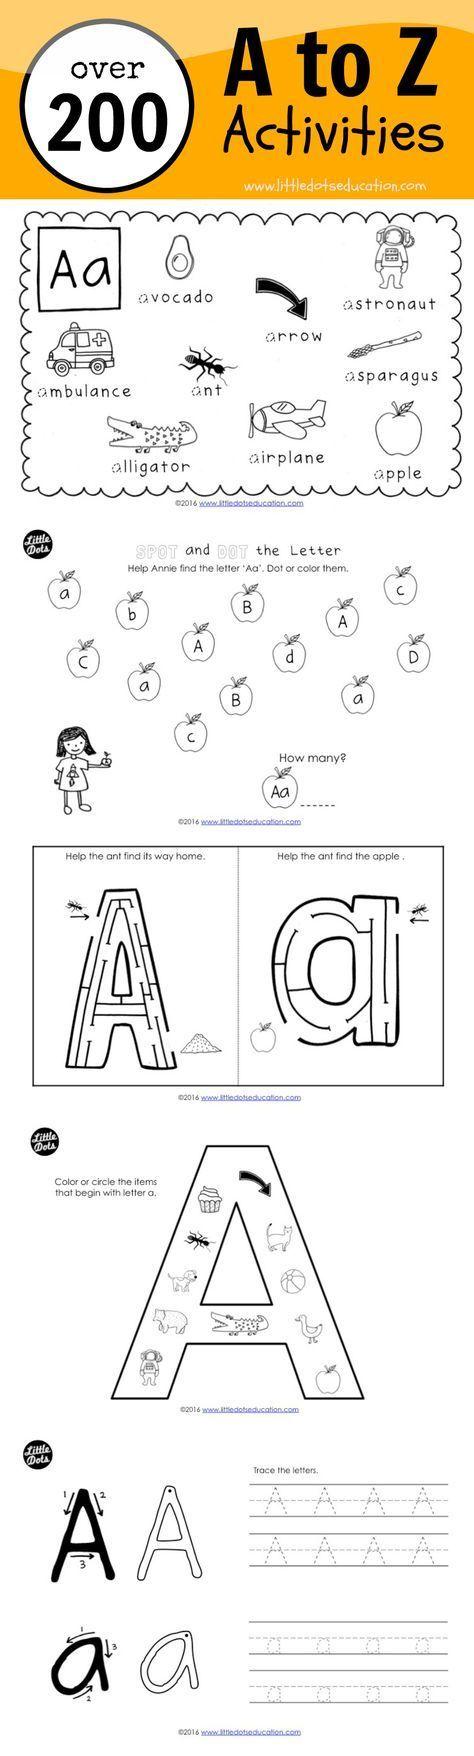 Preschool Alphabet Activities and Worksheets   Alphabet activities preschool [ 1756 x 474 Pixel ]